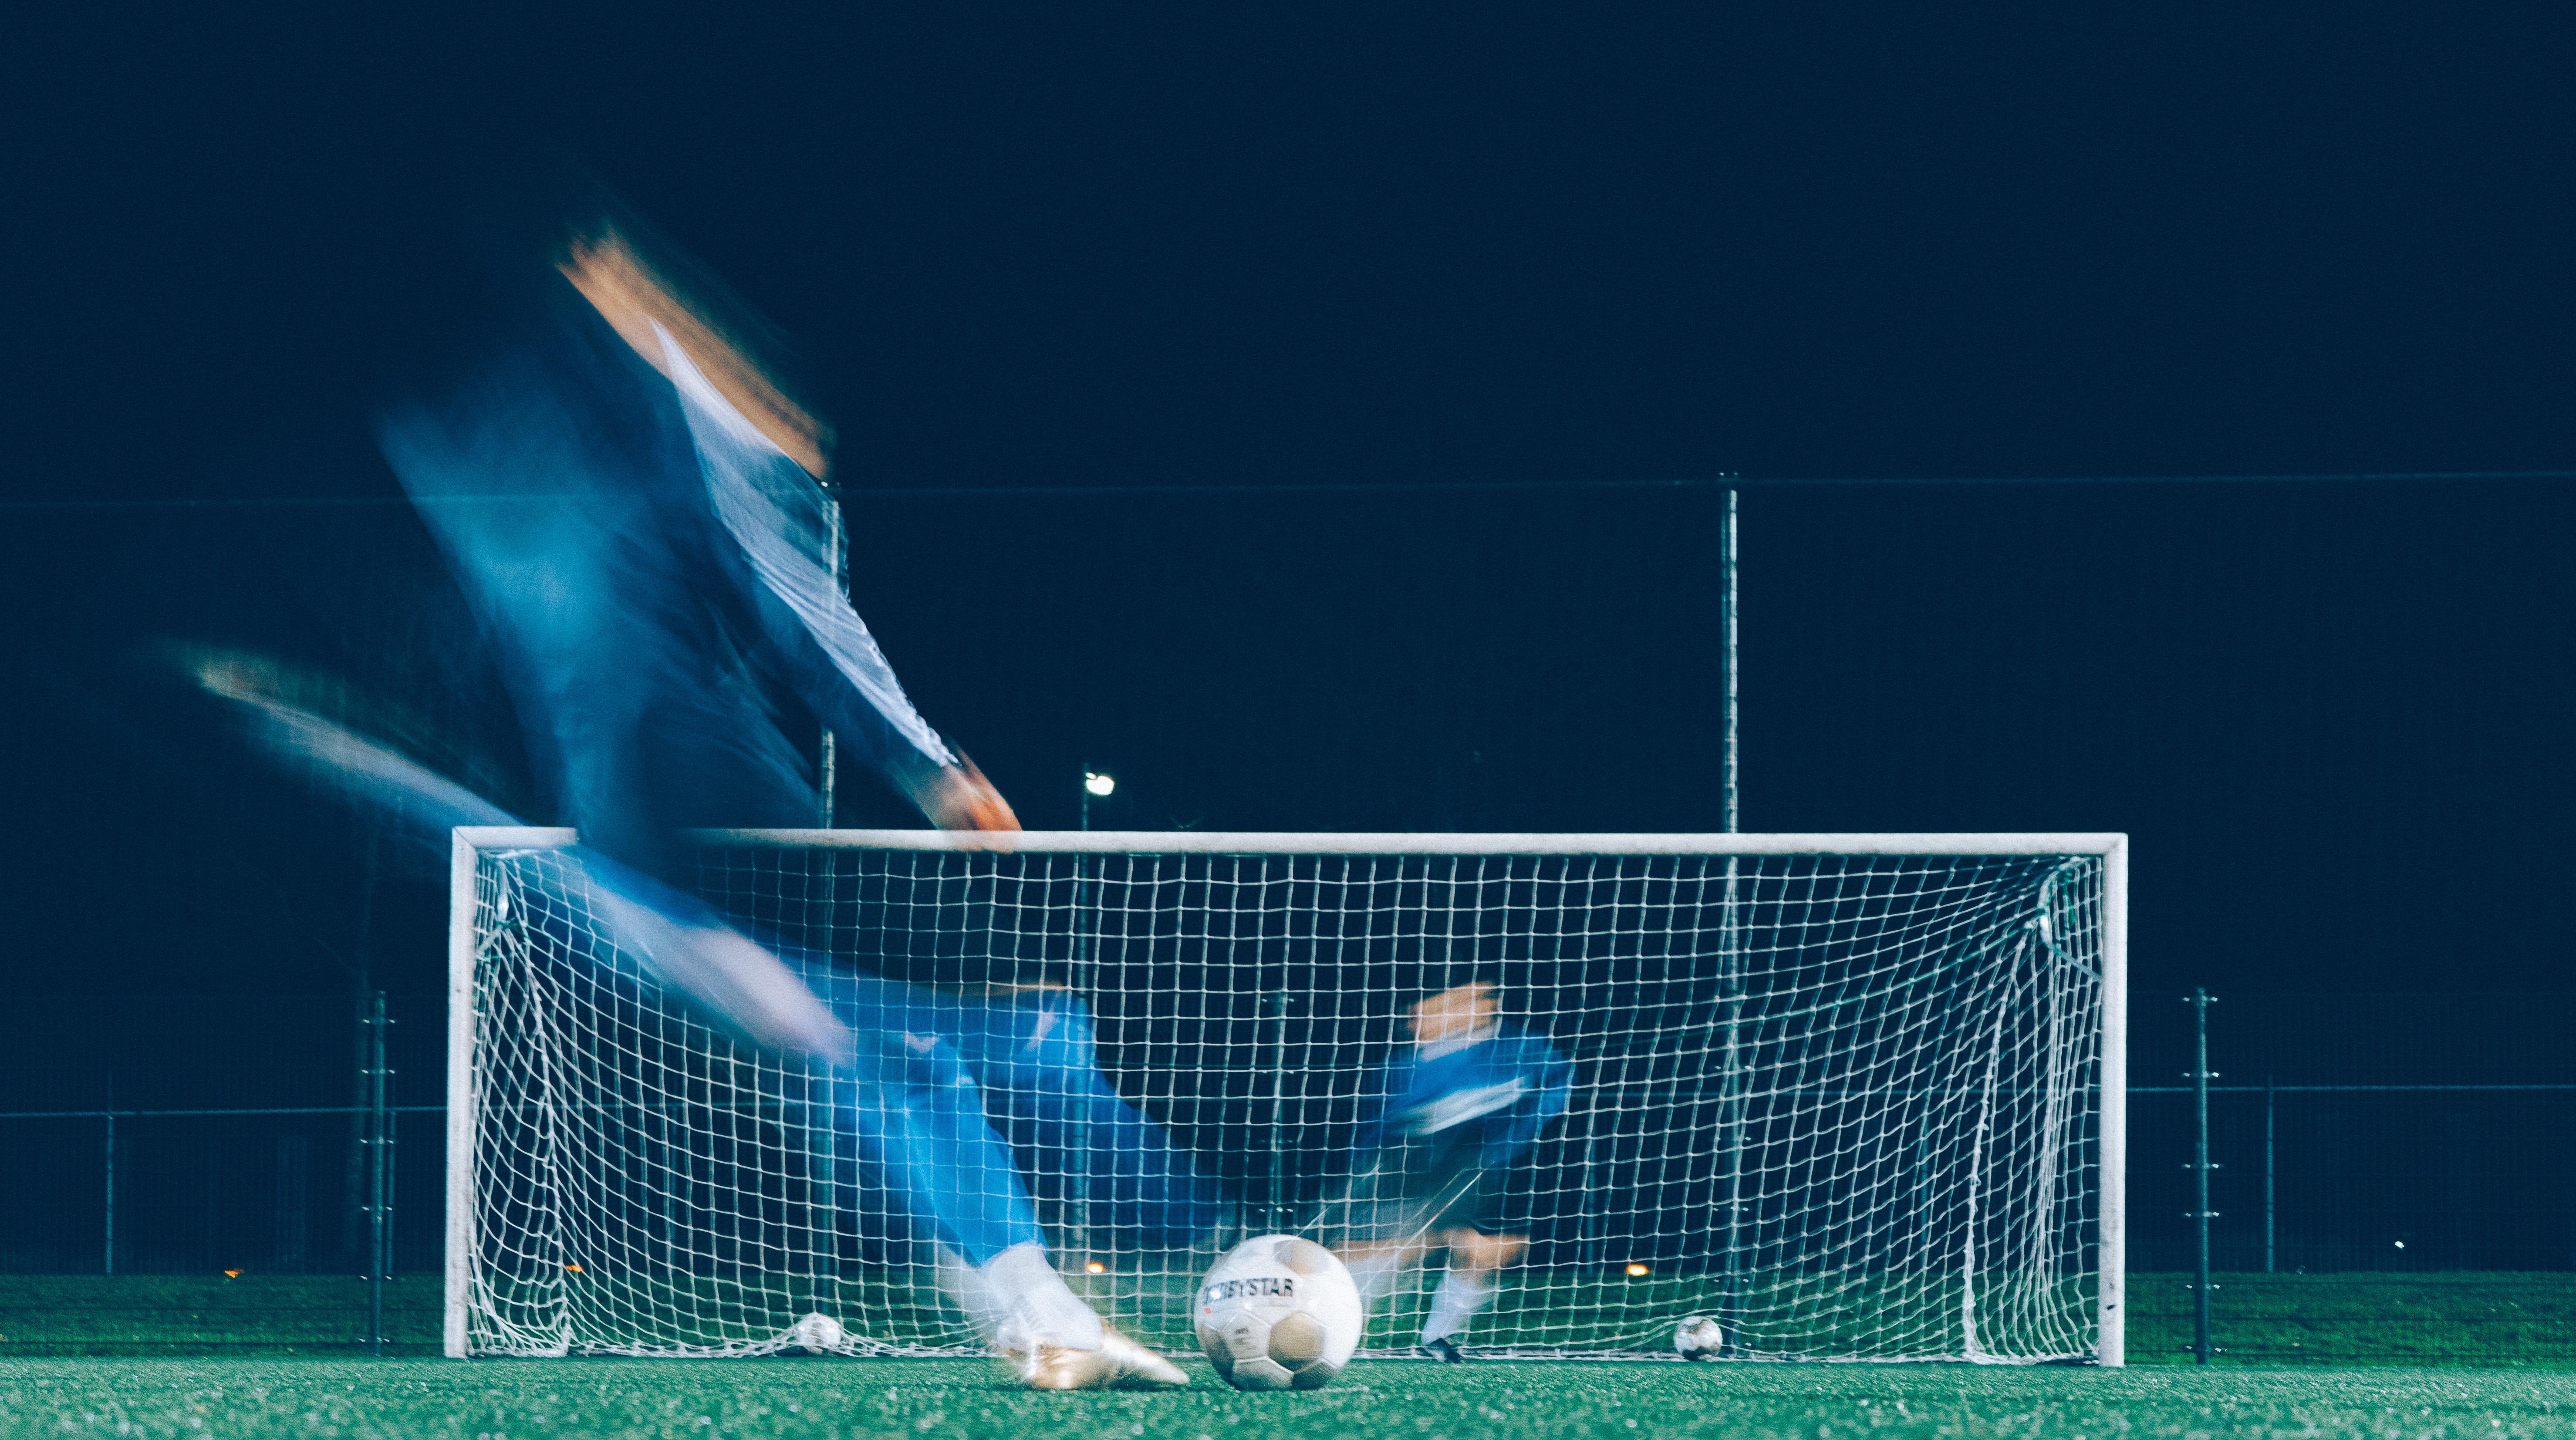 5 programas de TV para quem ama futebol